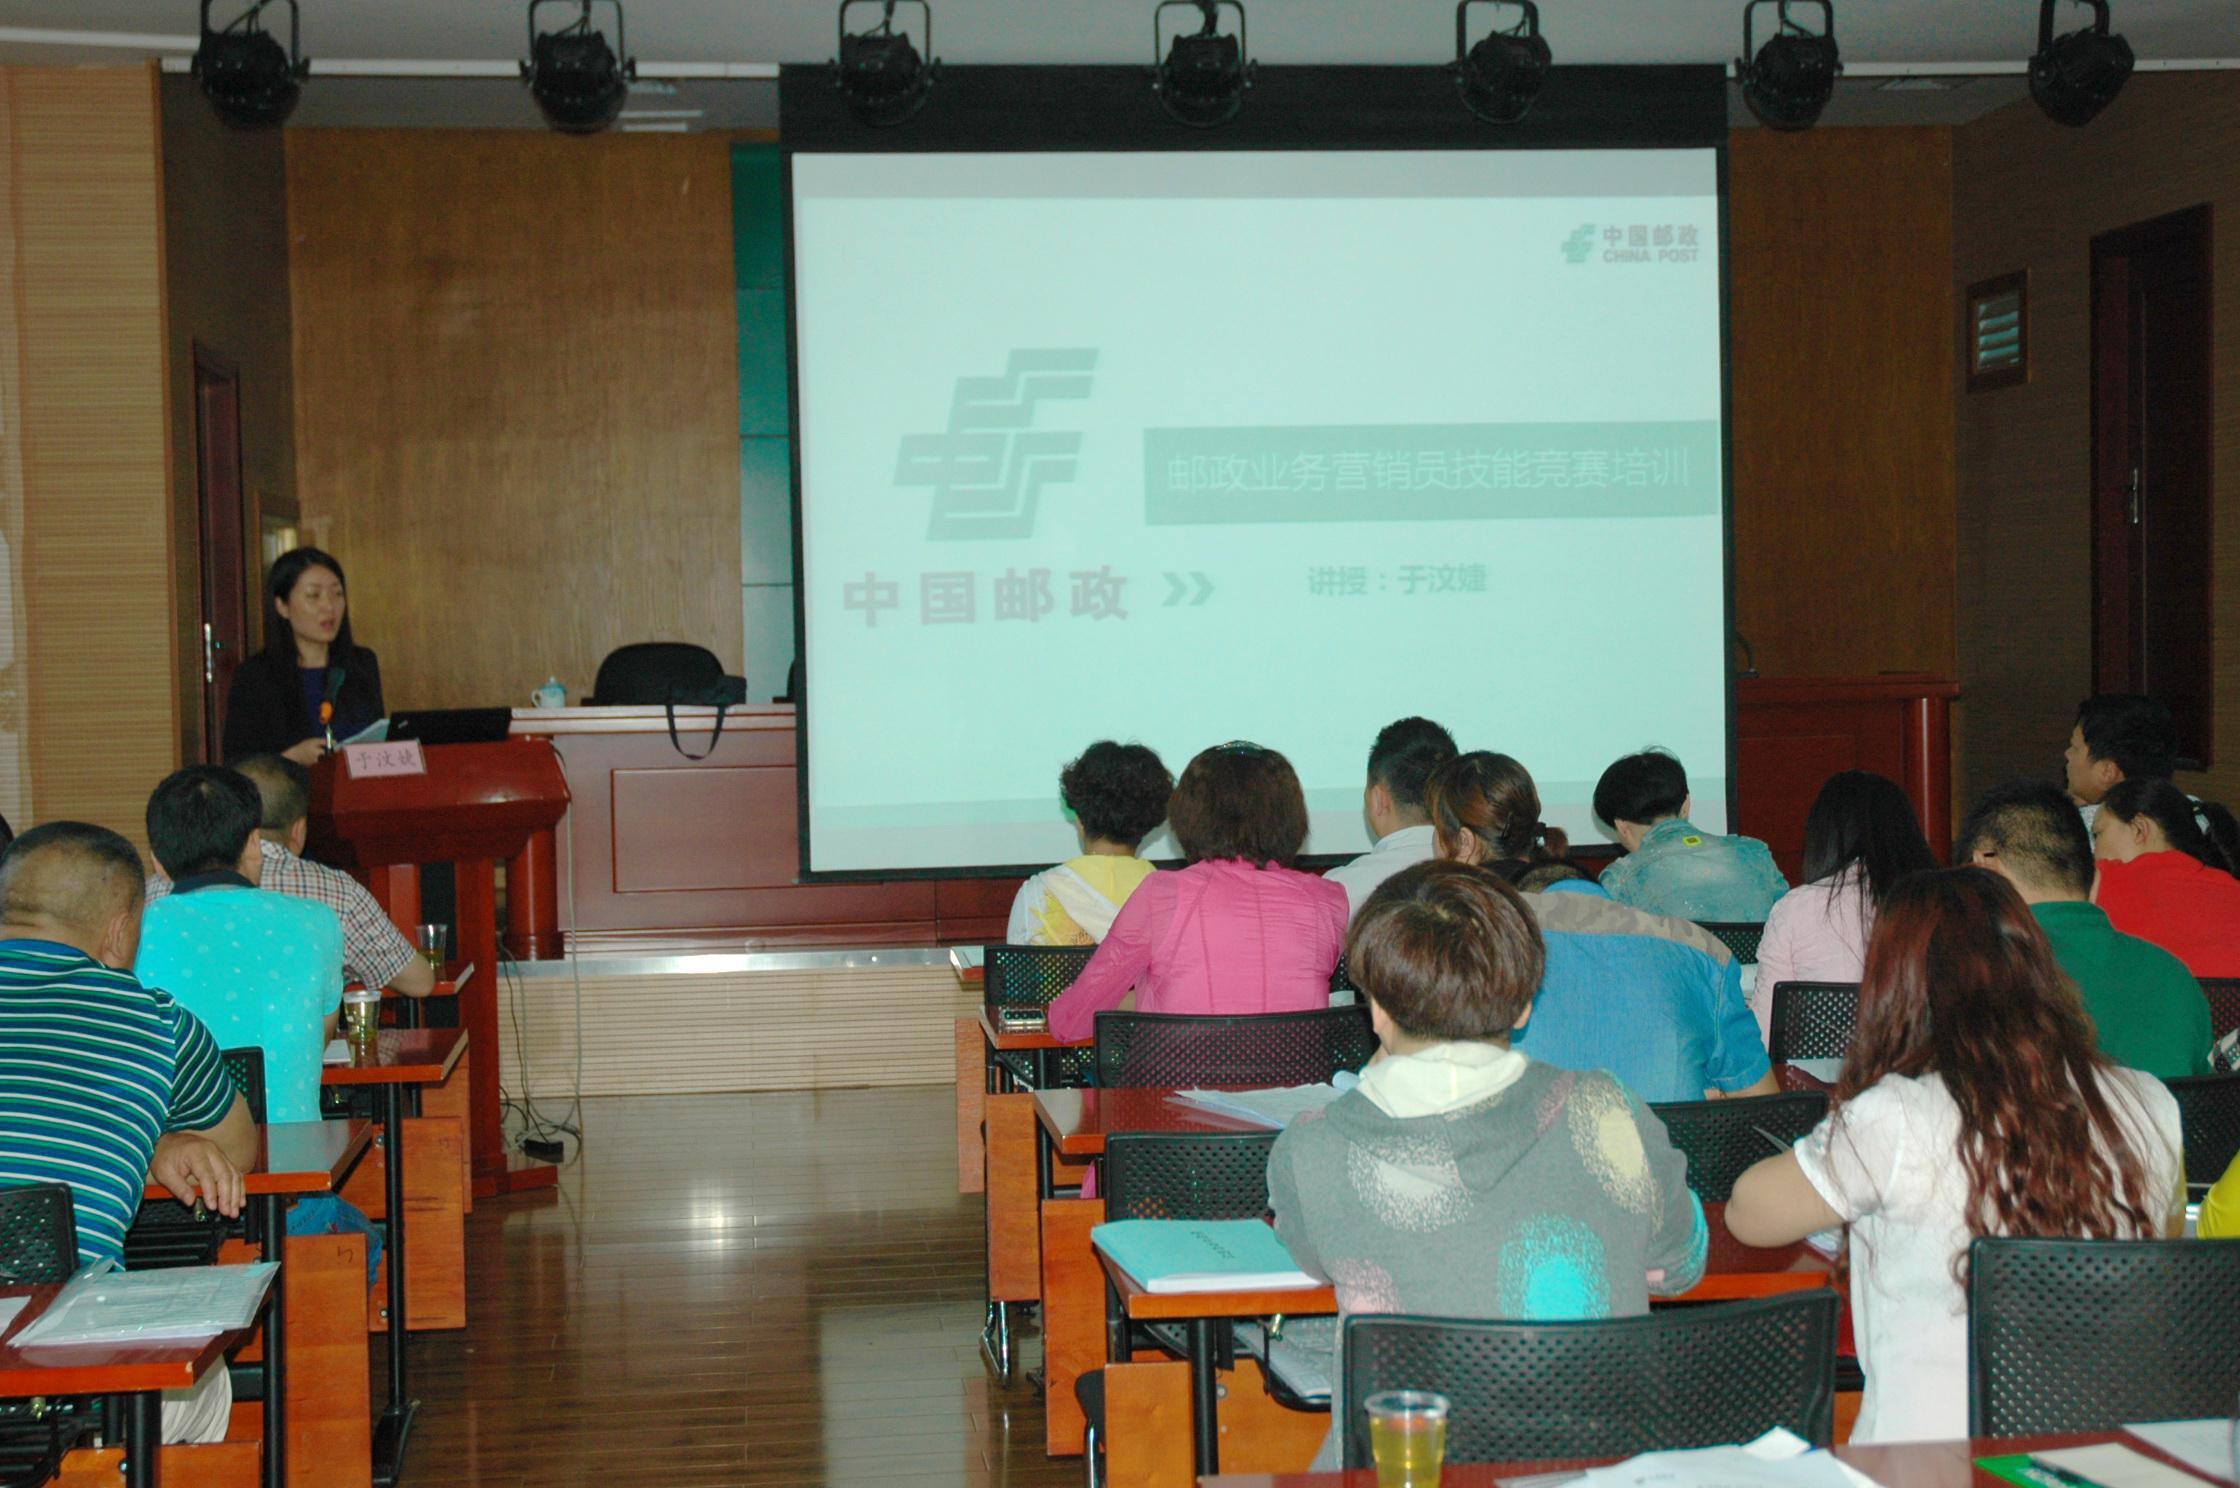 贵州邮政分公司开展营销技能竞赛培训全面备战技能大赛